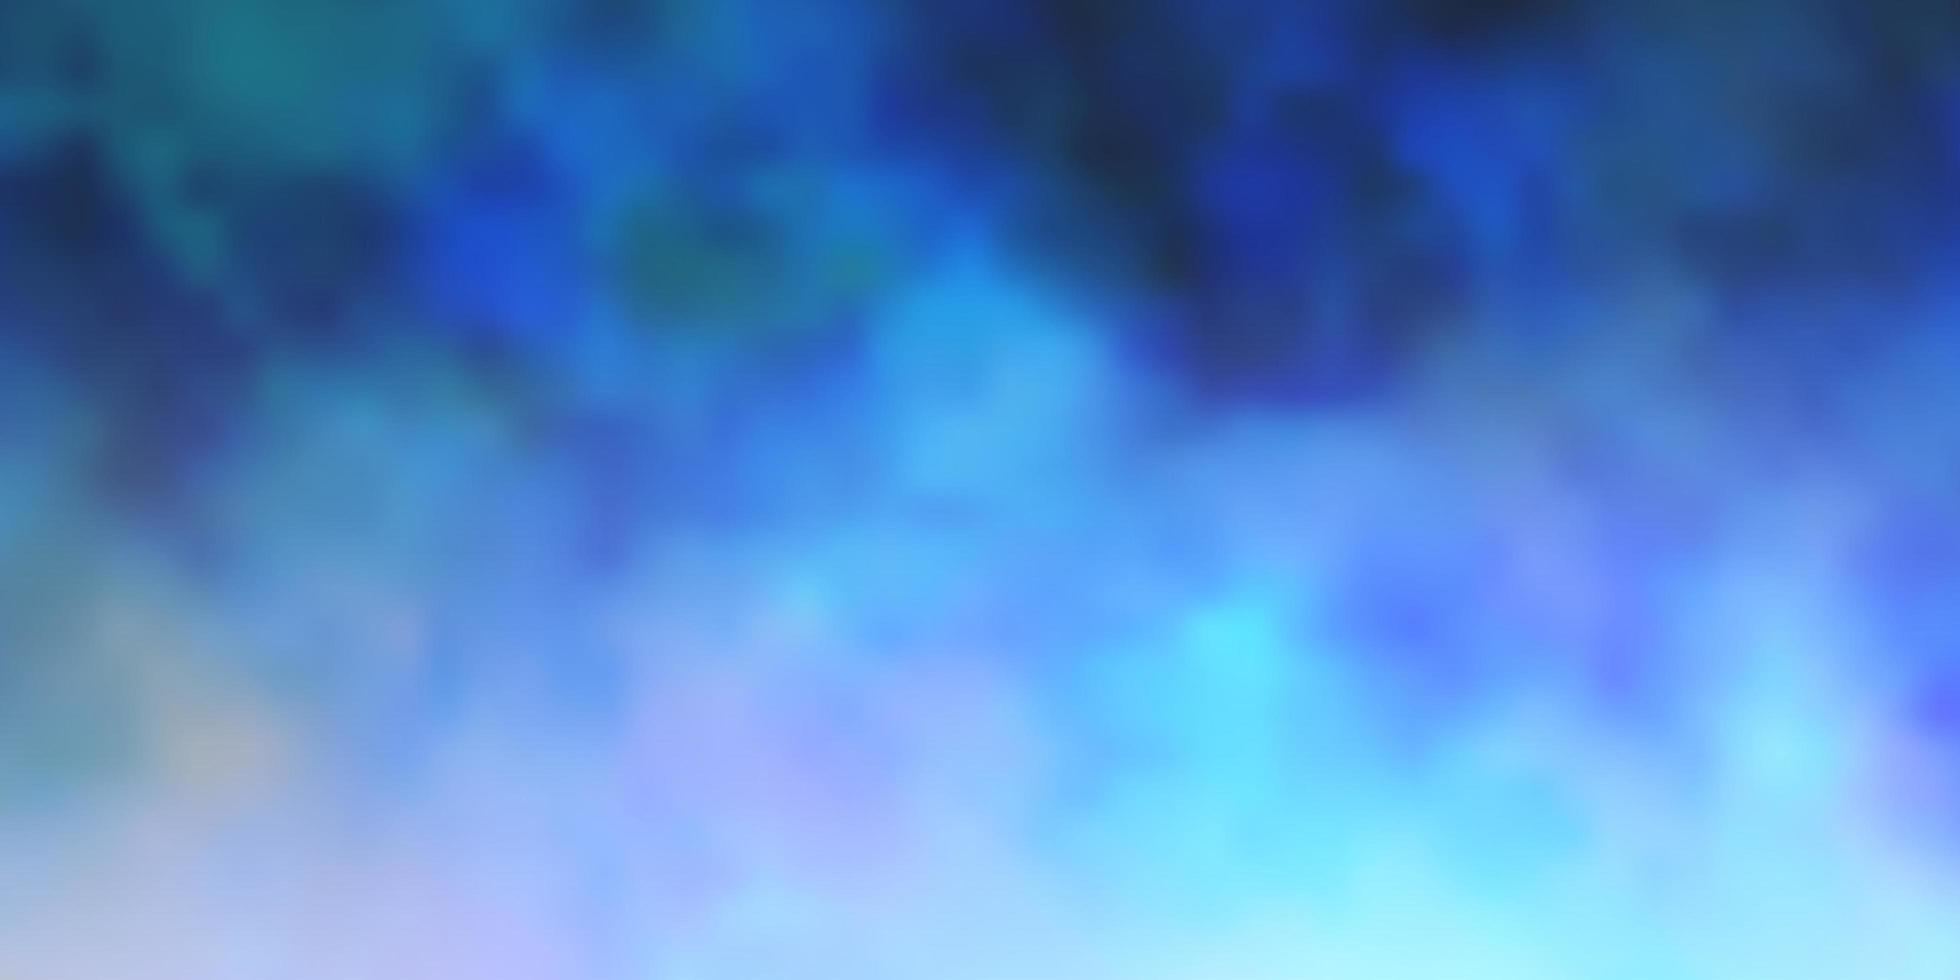 Telón de fondo de vector azul oscuro con cúmulos.